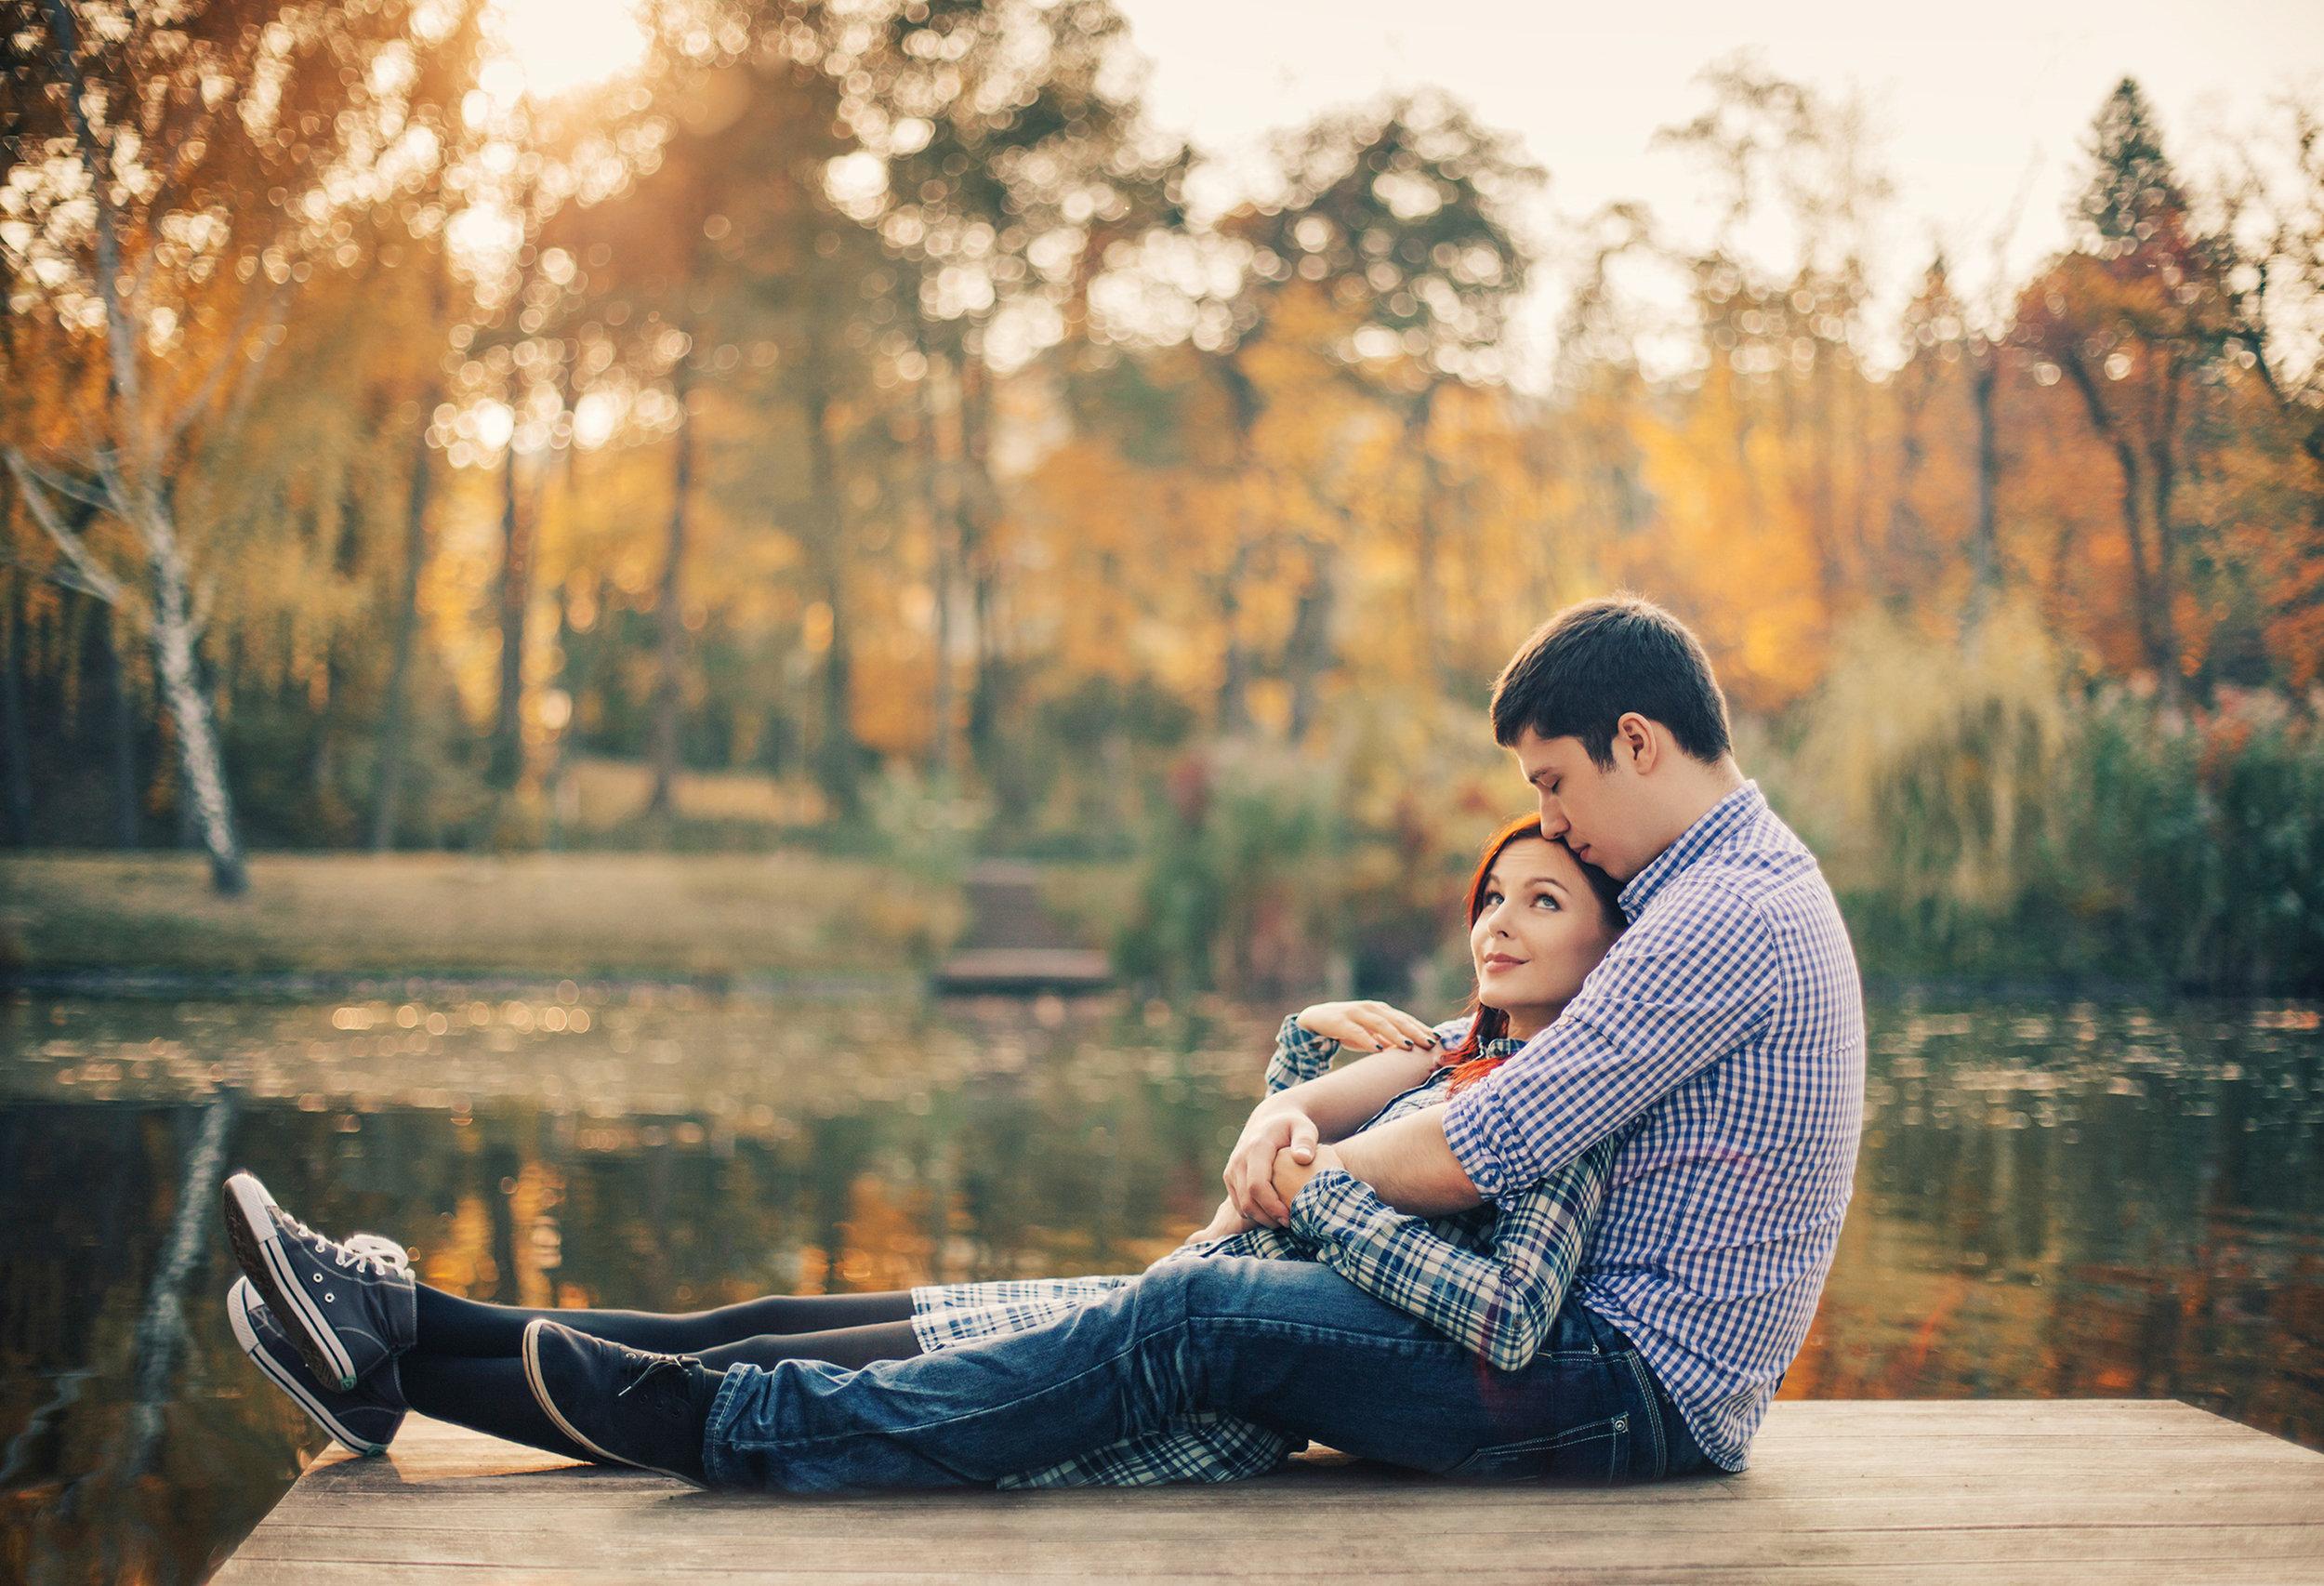 Site de rencontre gratuit celibataire : trouver l'amour sur internet